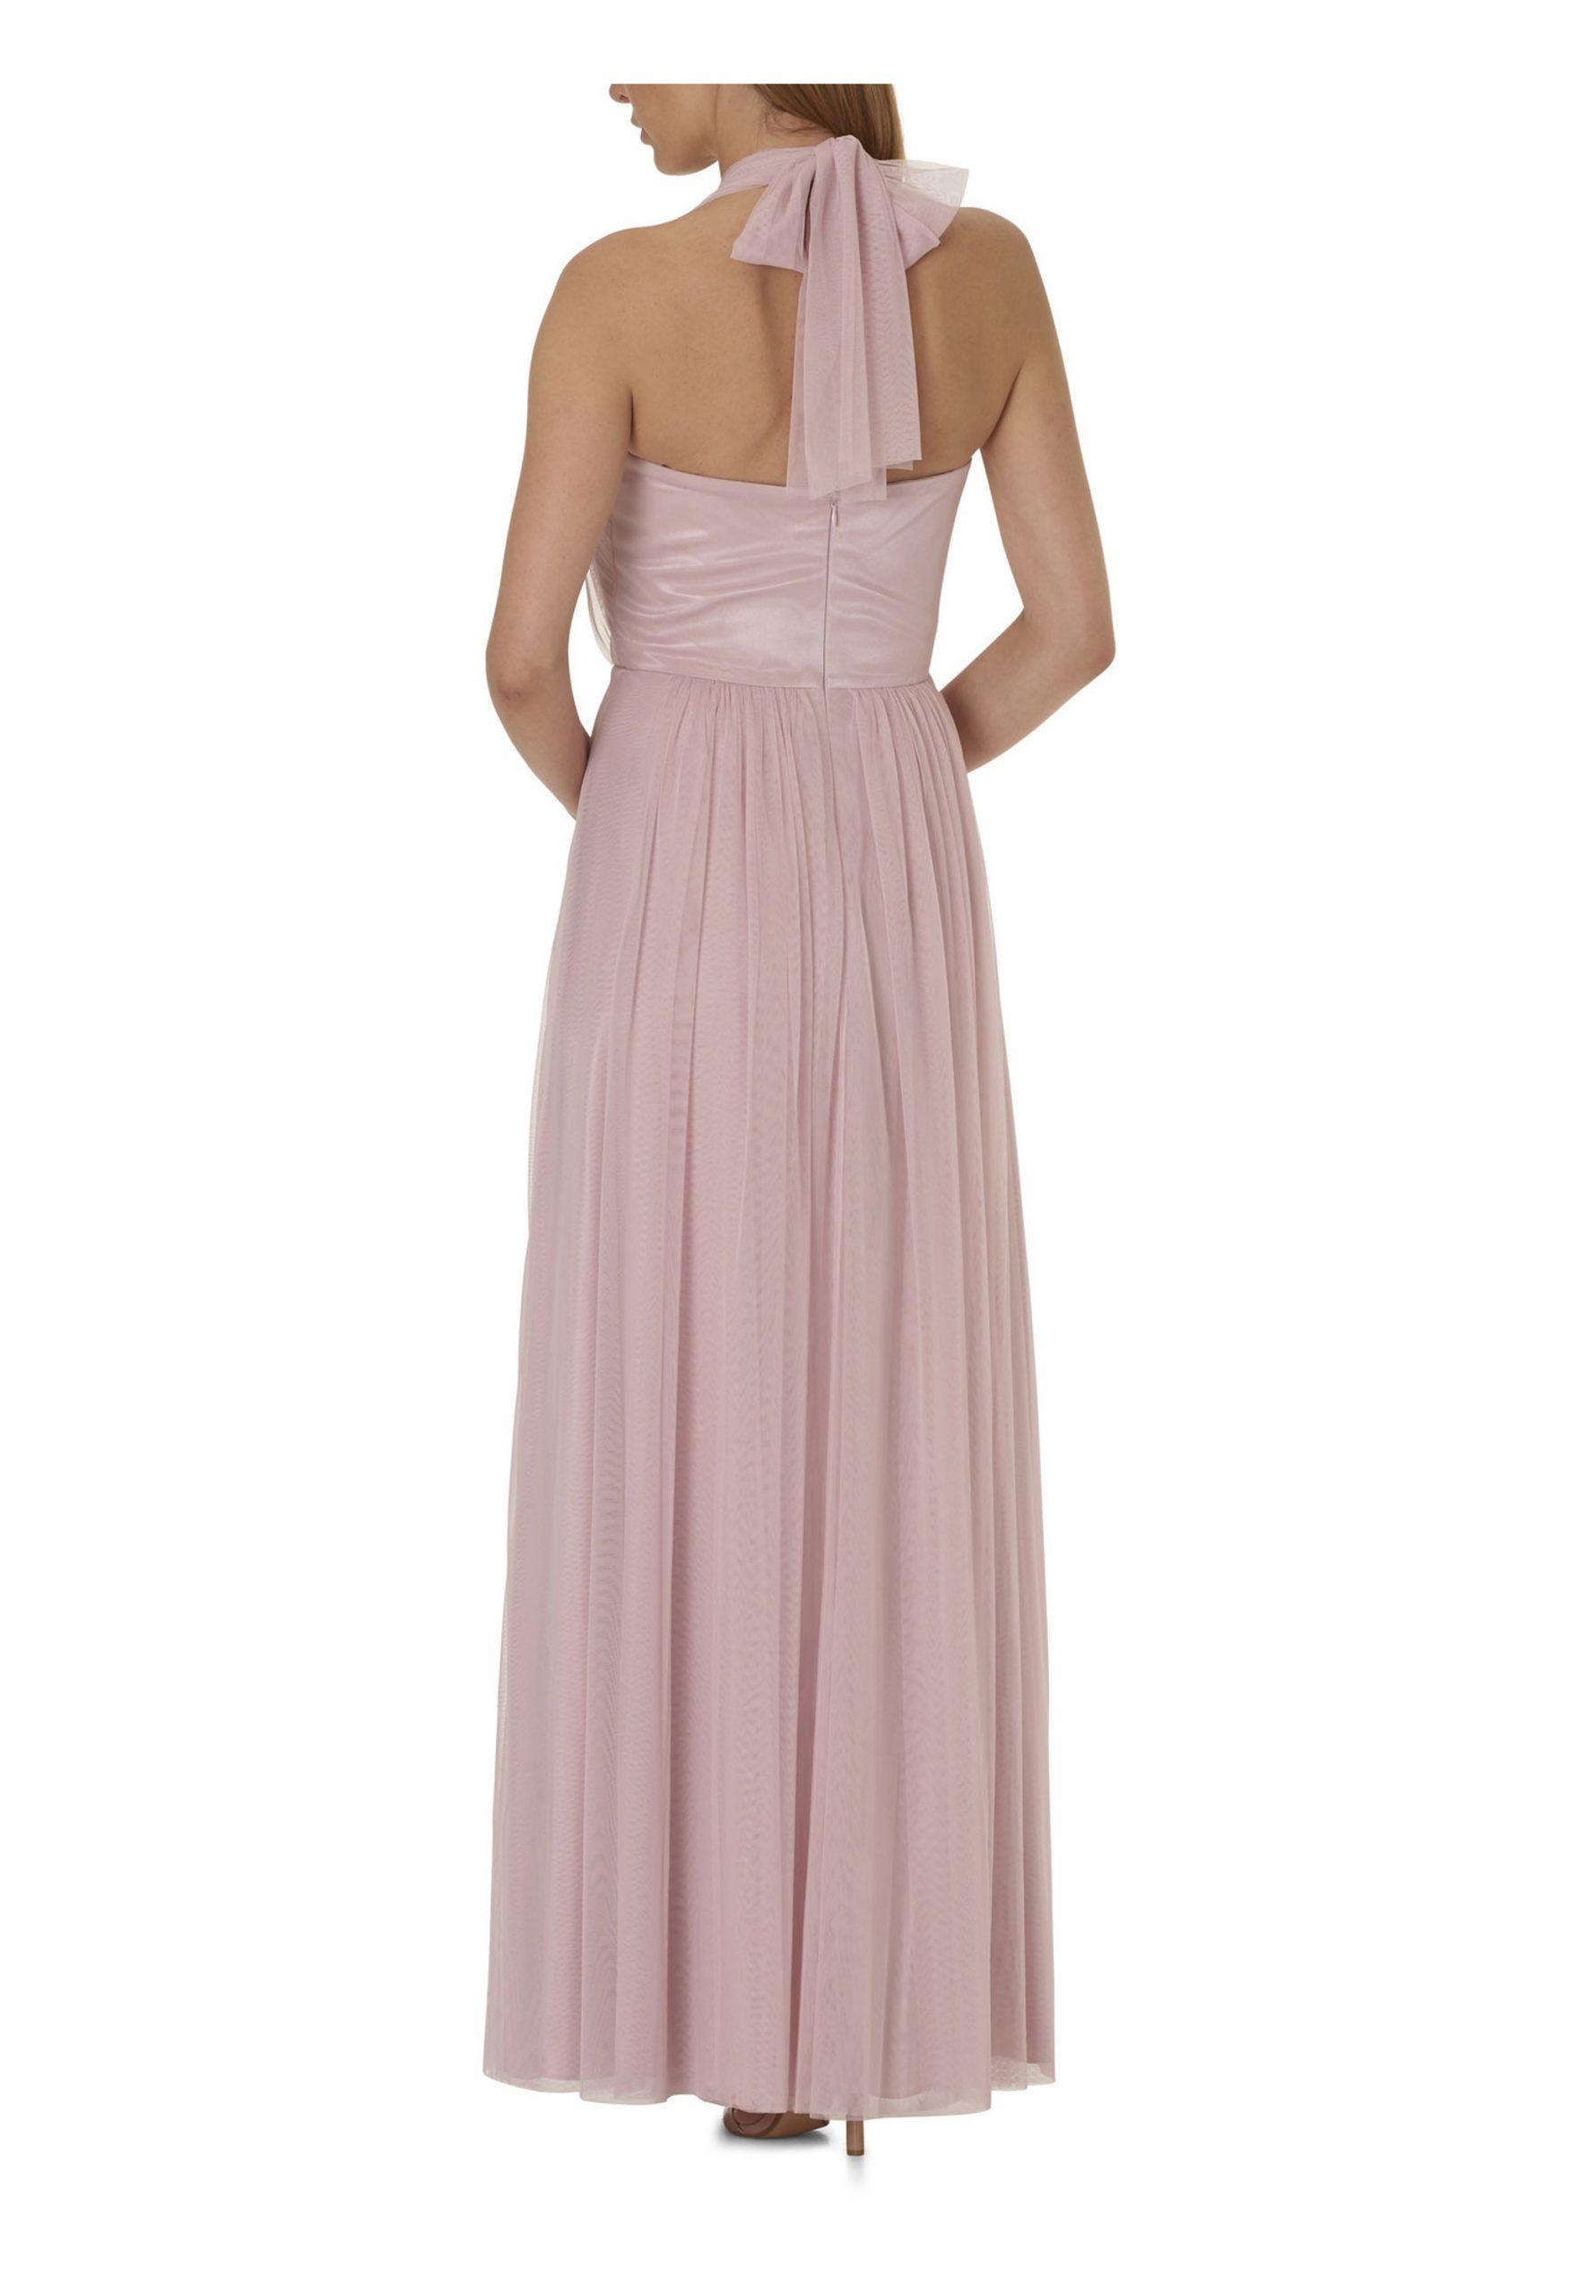 Designer Ausgezeichnet Abendkleid Schulterfrei Design13 Großartig Abendkleid Schulterfrei für 2019